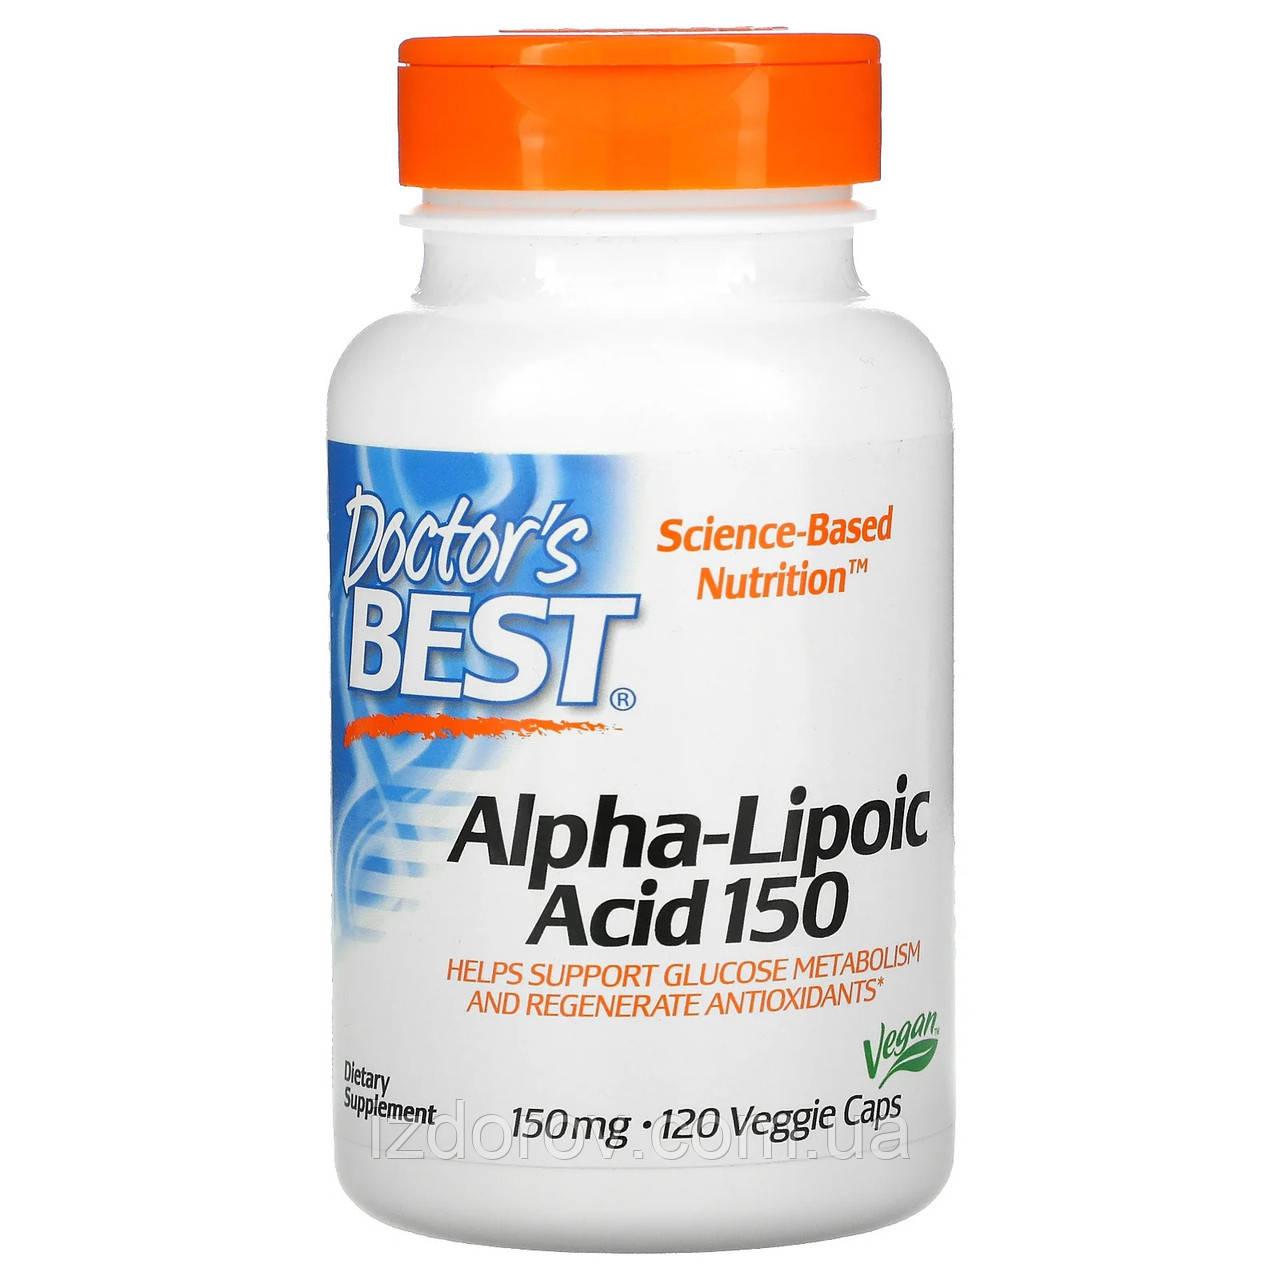 Doctor's s Best, Альфа-Ліпоєва кислота 150 мг, Alpha-Lipoic Acid, 200 капсул